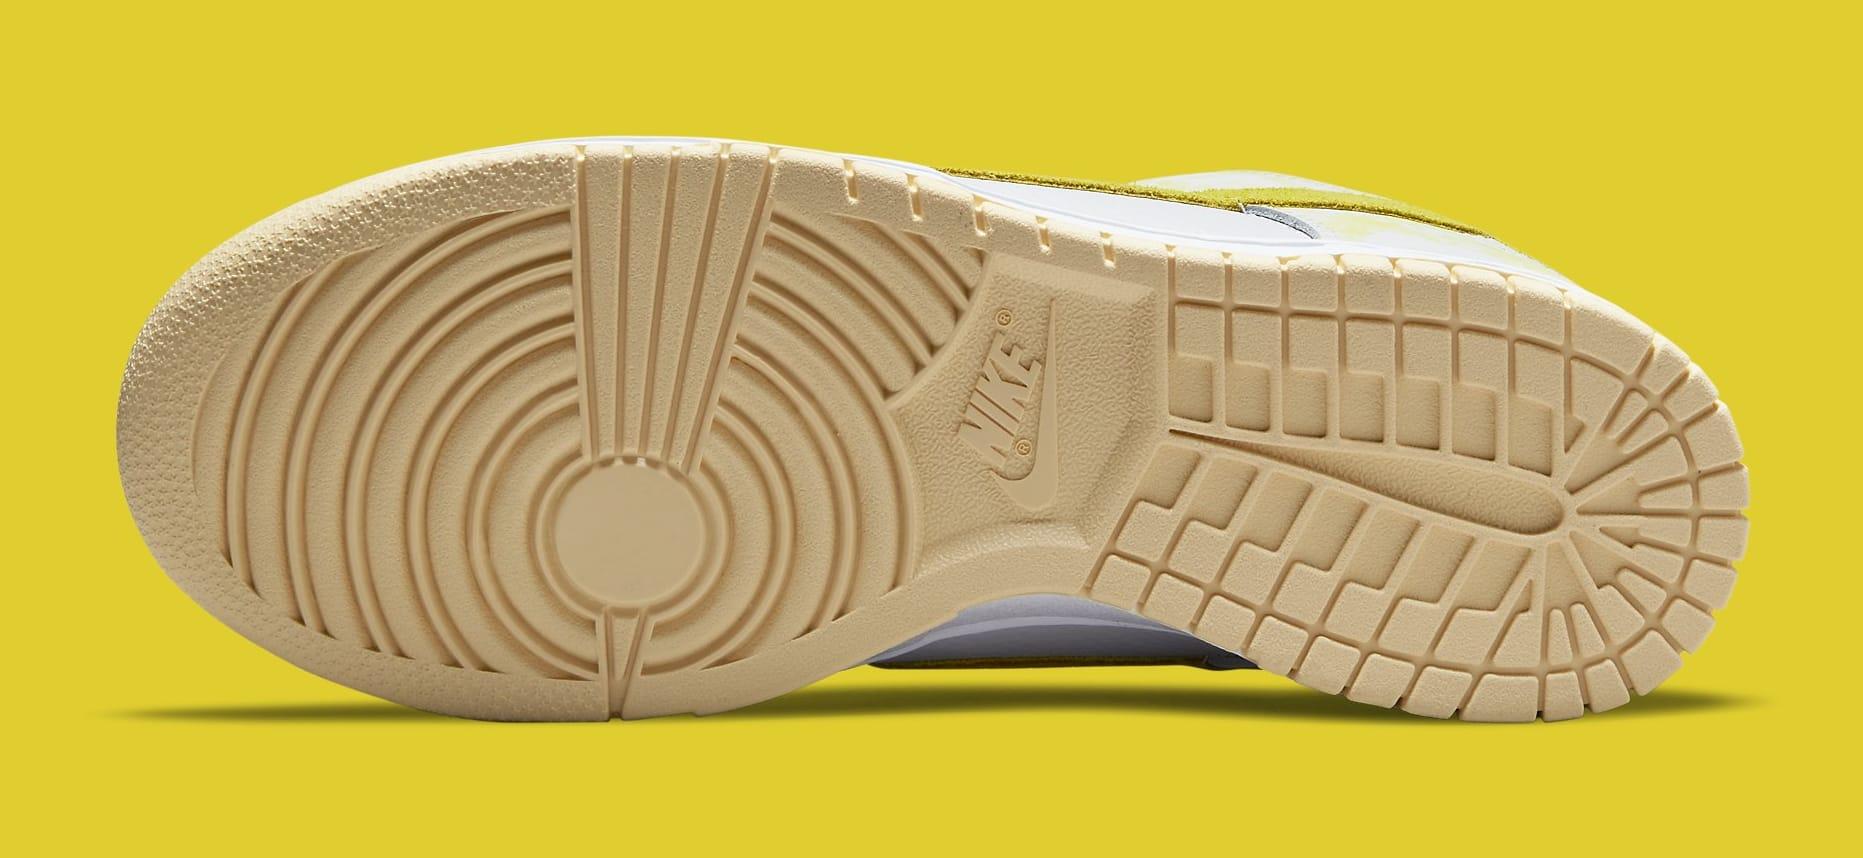 Nike Dunk Low 'Yellow Strike' DM9467-700 Outsole